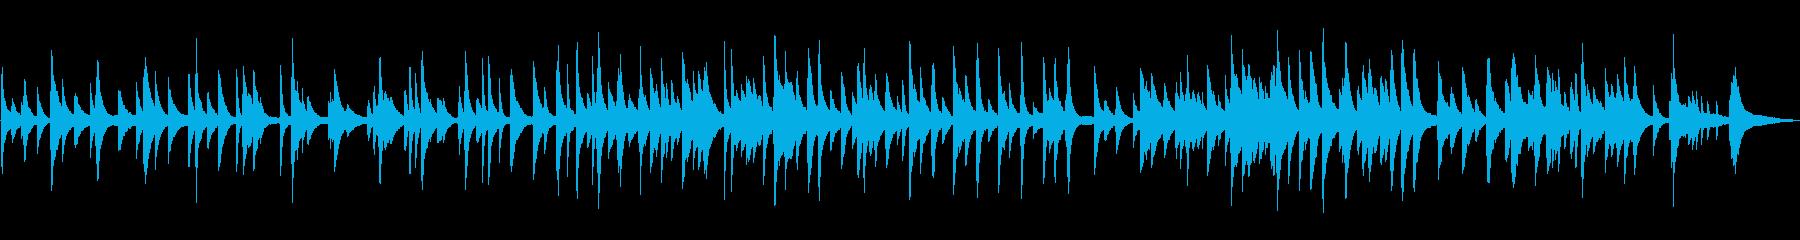 ゆっくりしっとりジャズラウンジピアノソロの再生済みの波形